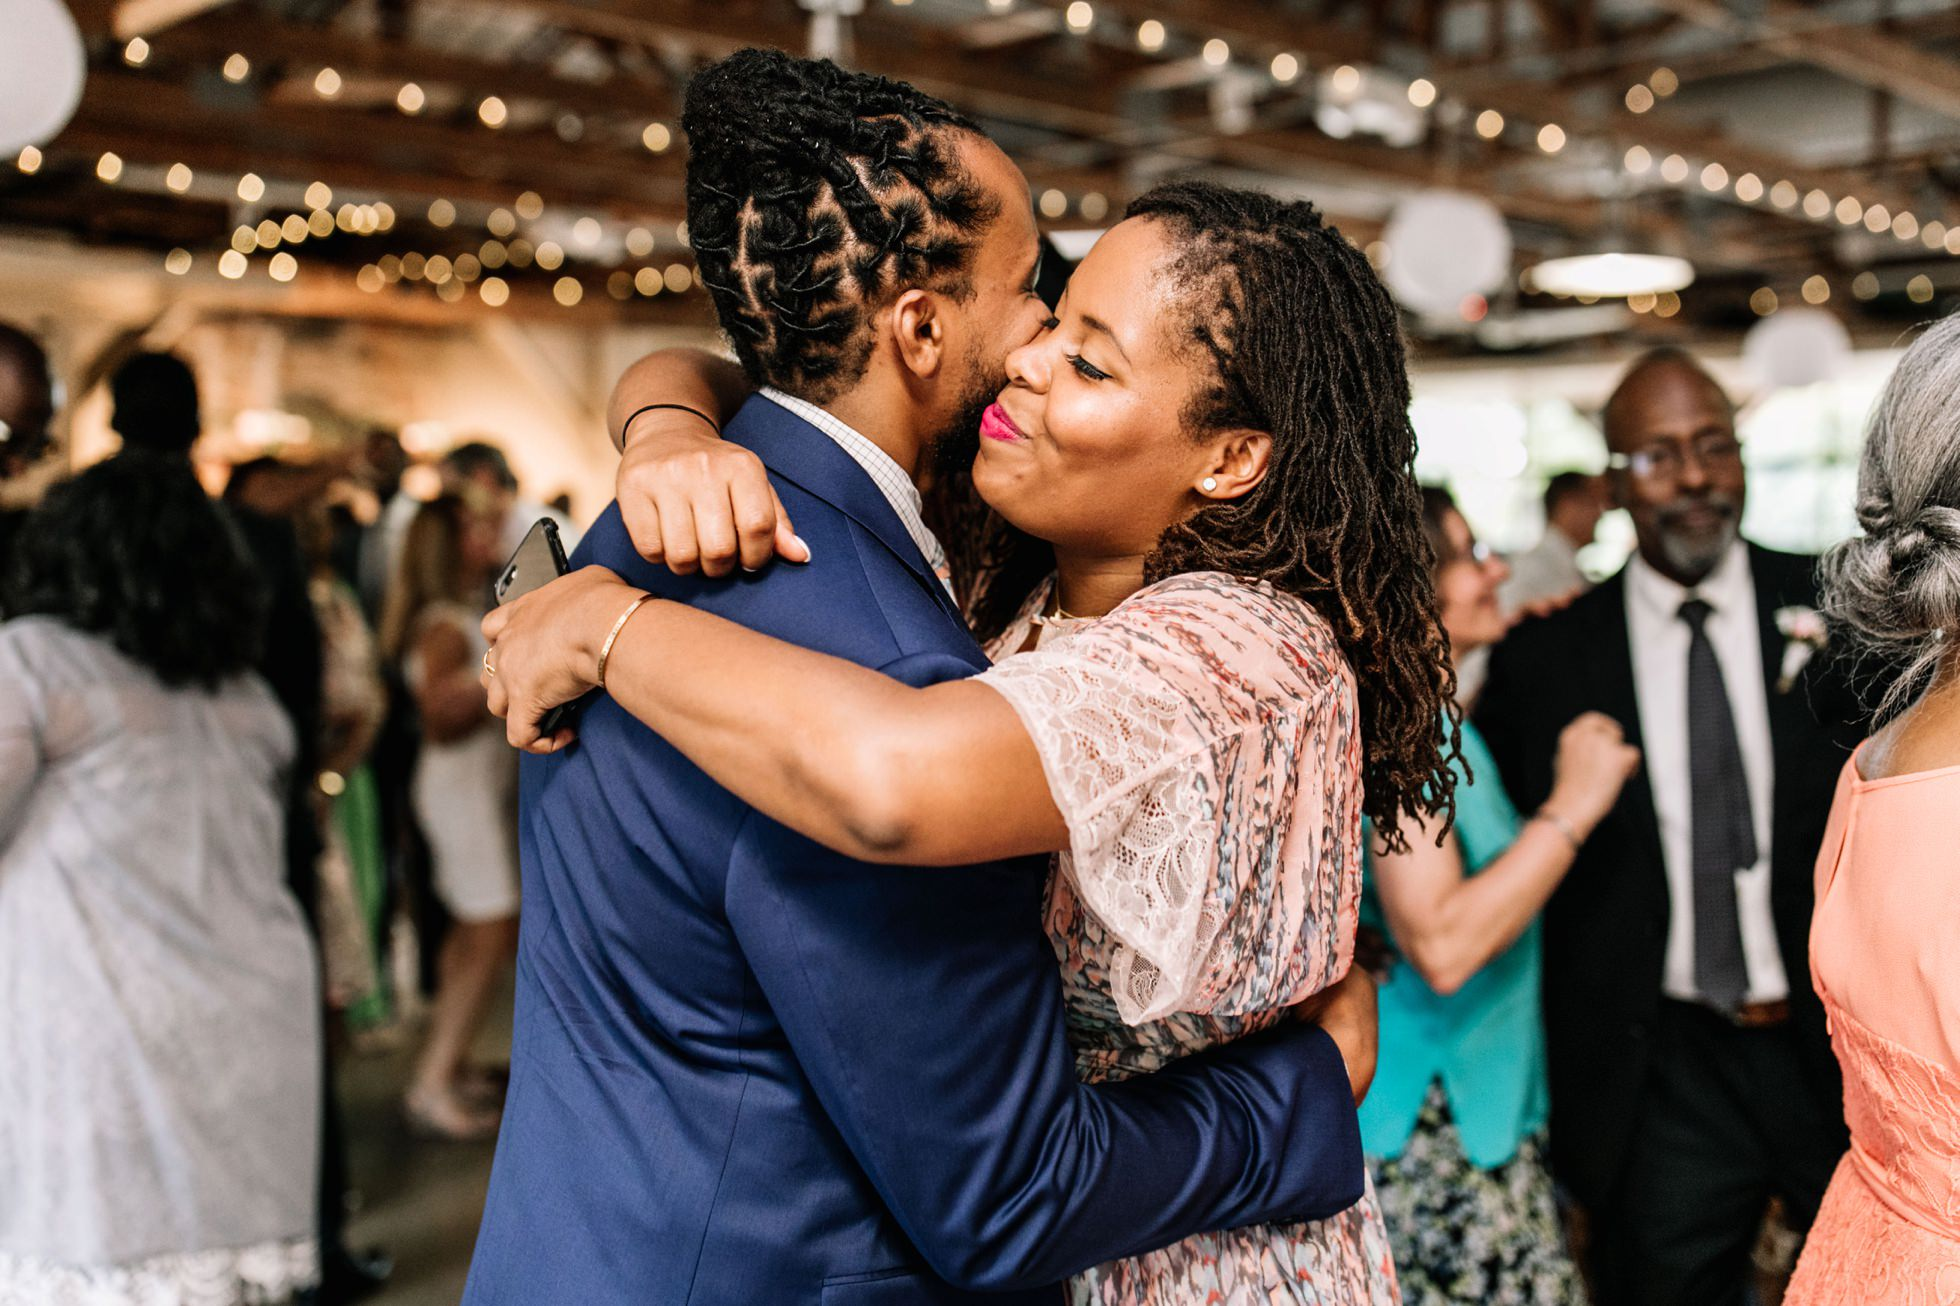 Candid wedding photographer Philadelphia